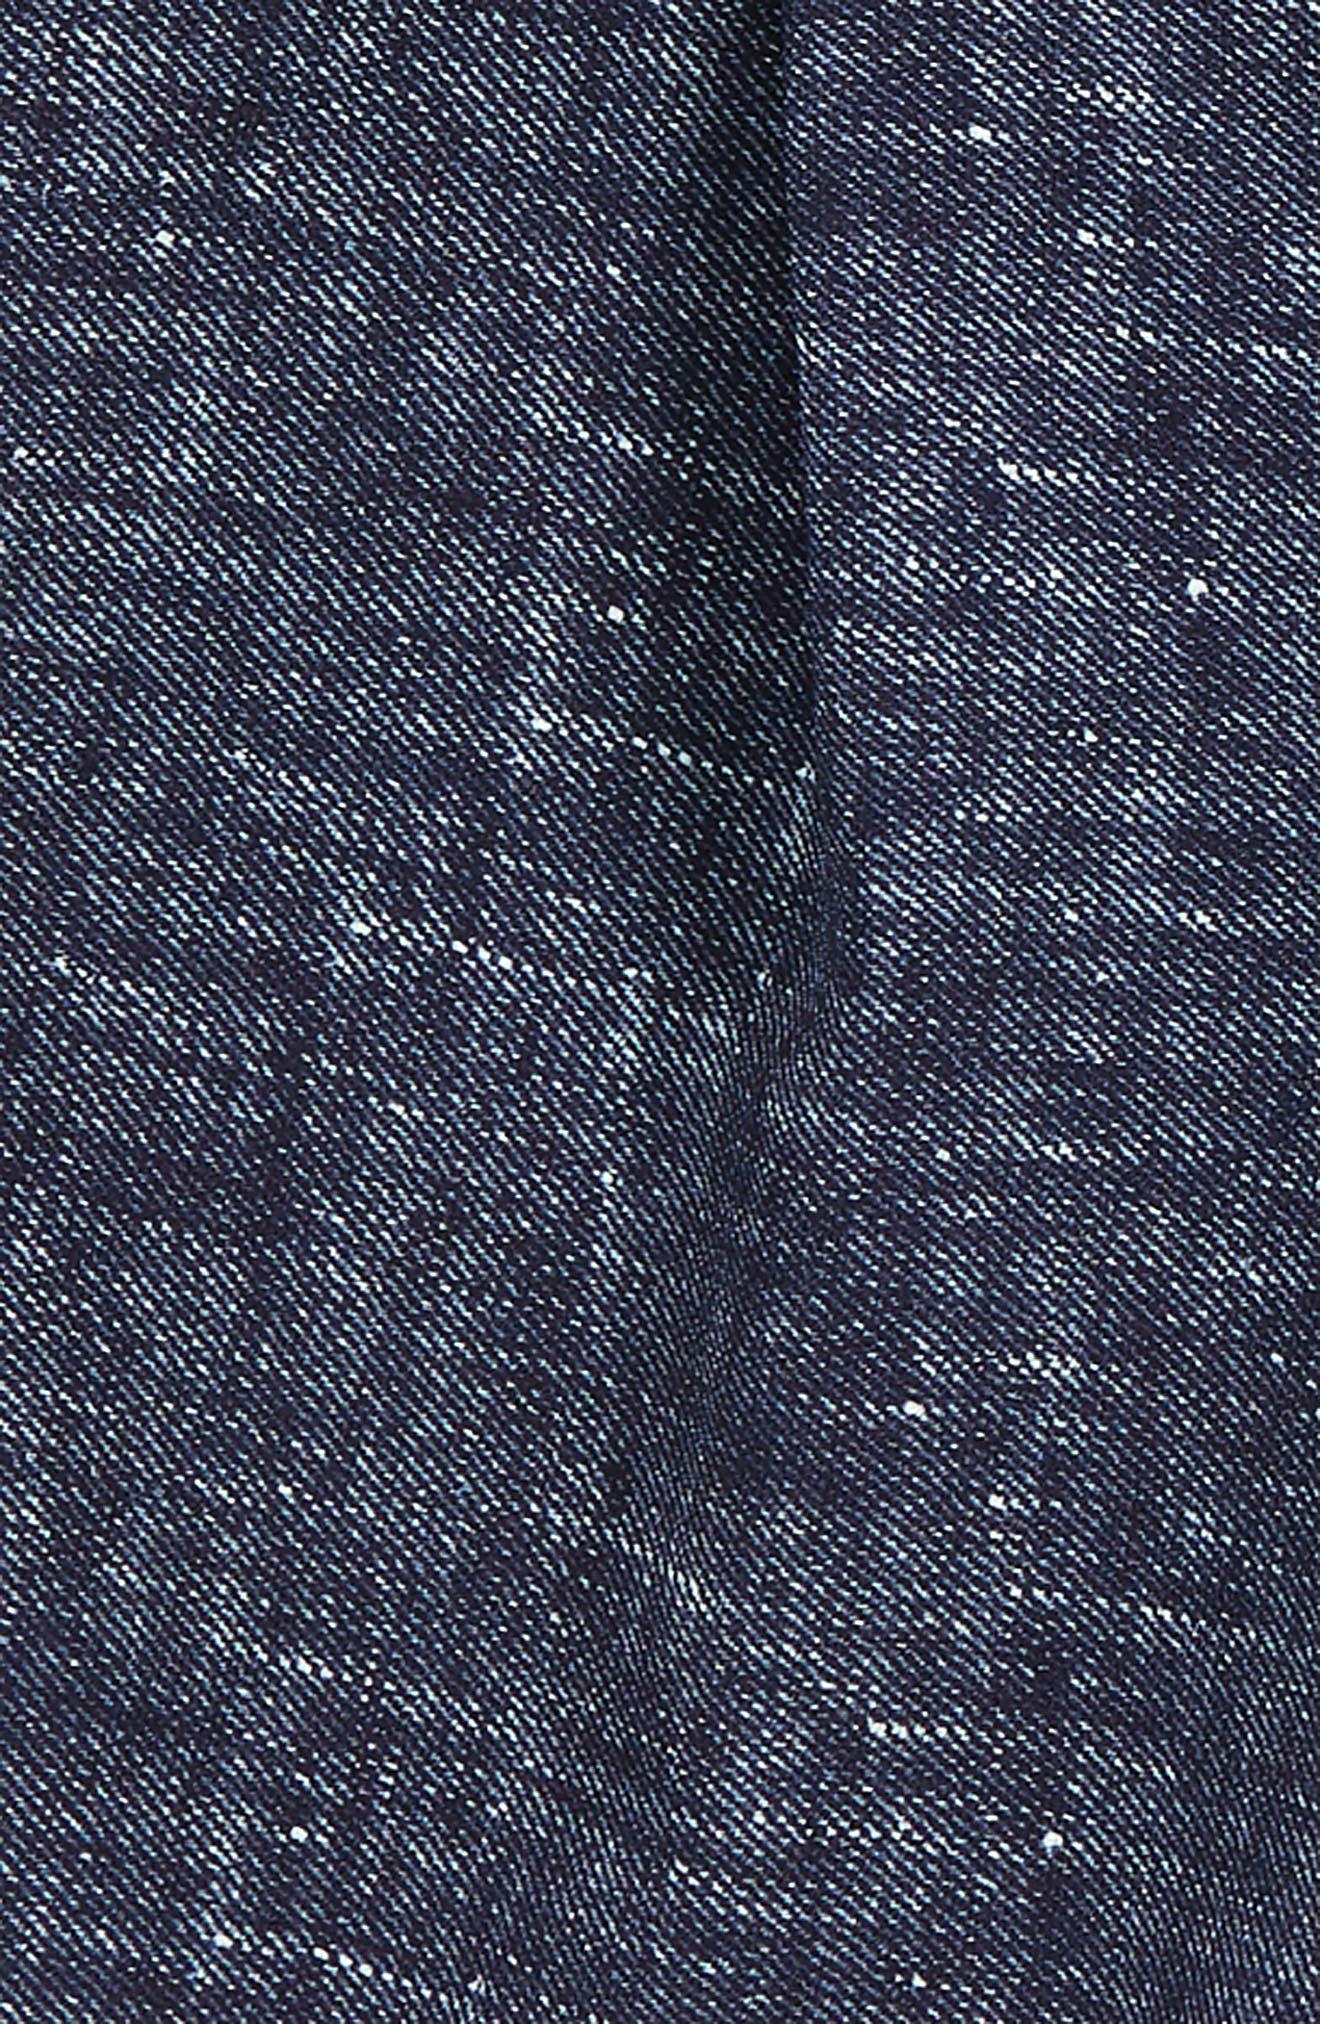 Petal Shorts,                             Alternate thumbnail 2, color,                             Blue Multi